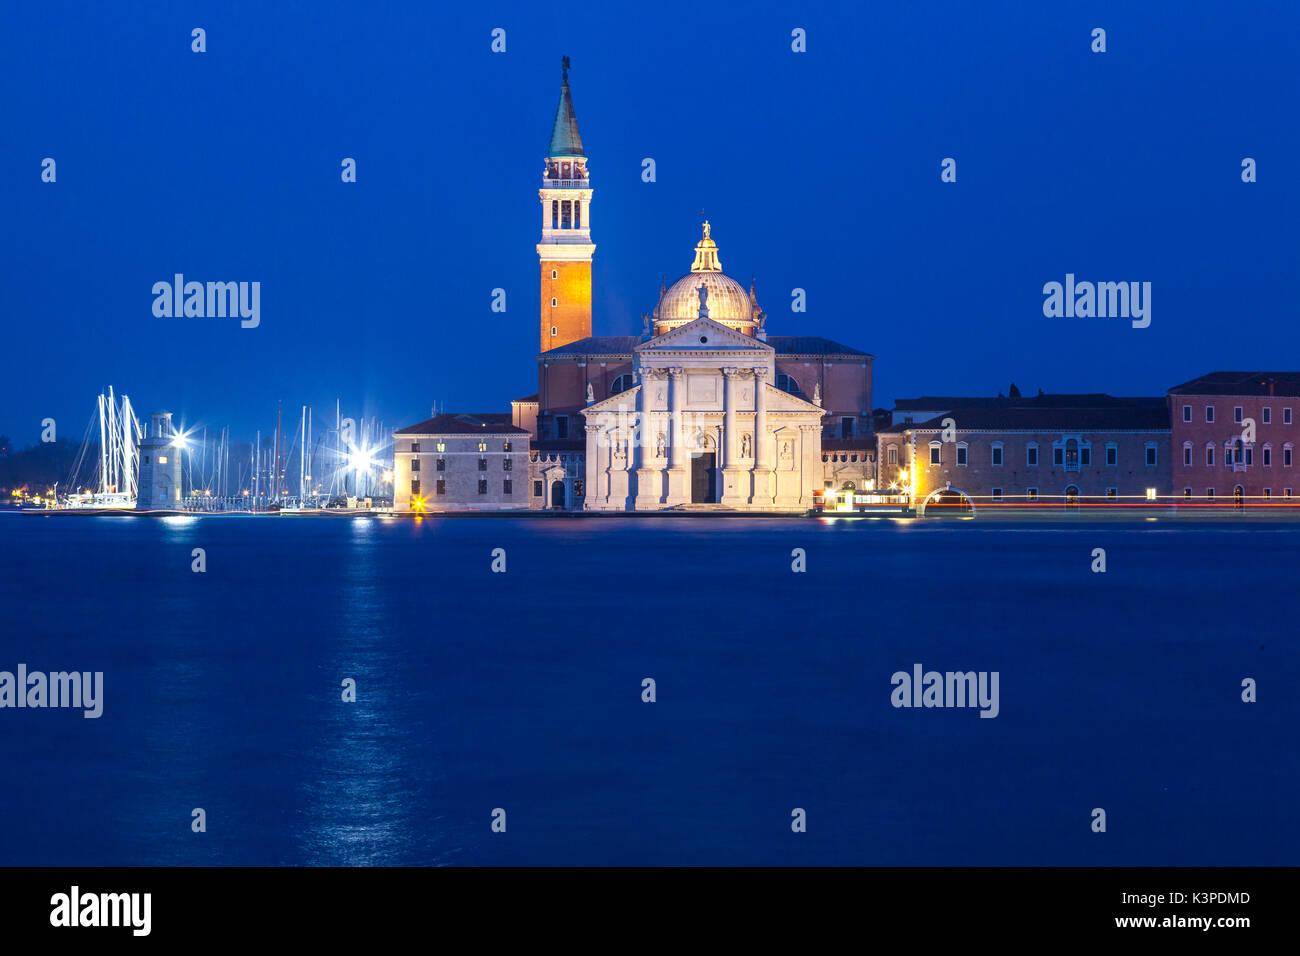 Venedig, Venetien, Italien, Blick auf die Insel San Giorgio Maggiore an der blauen Stunde mit Kirche und Kloster der Benediktiner beleuchtet und leichte Spuren von einem Stockfoto